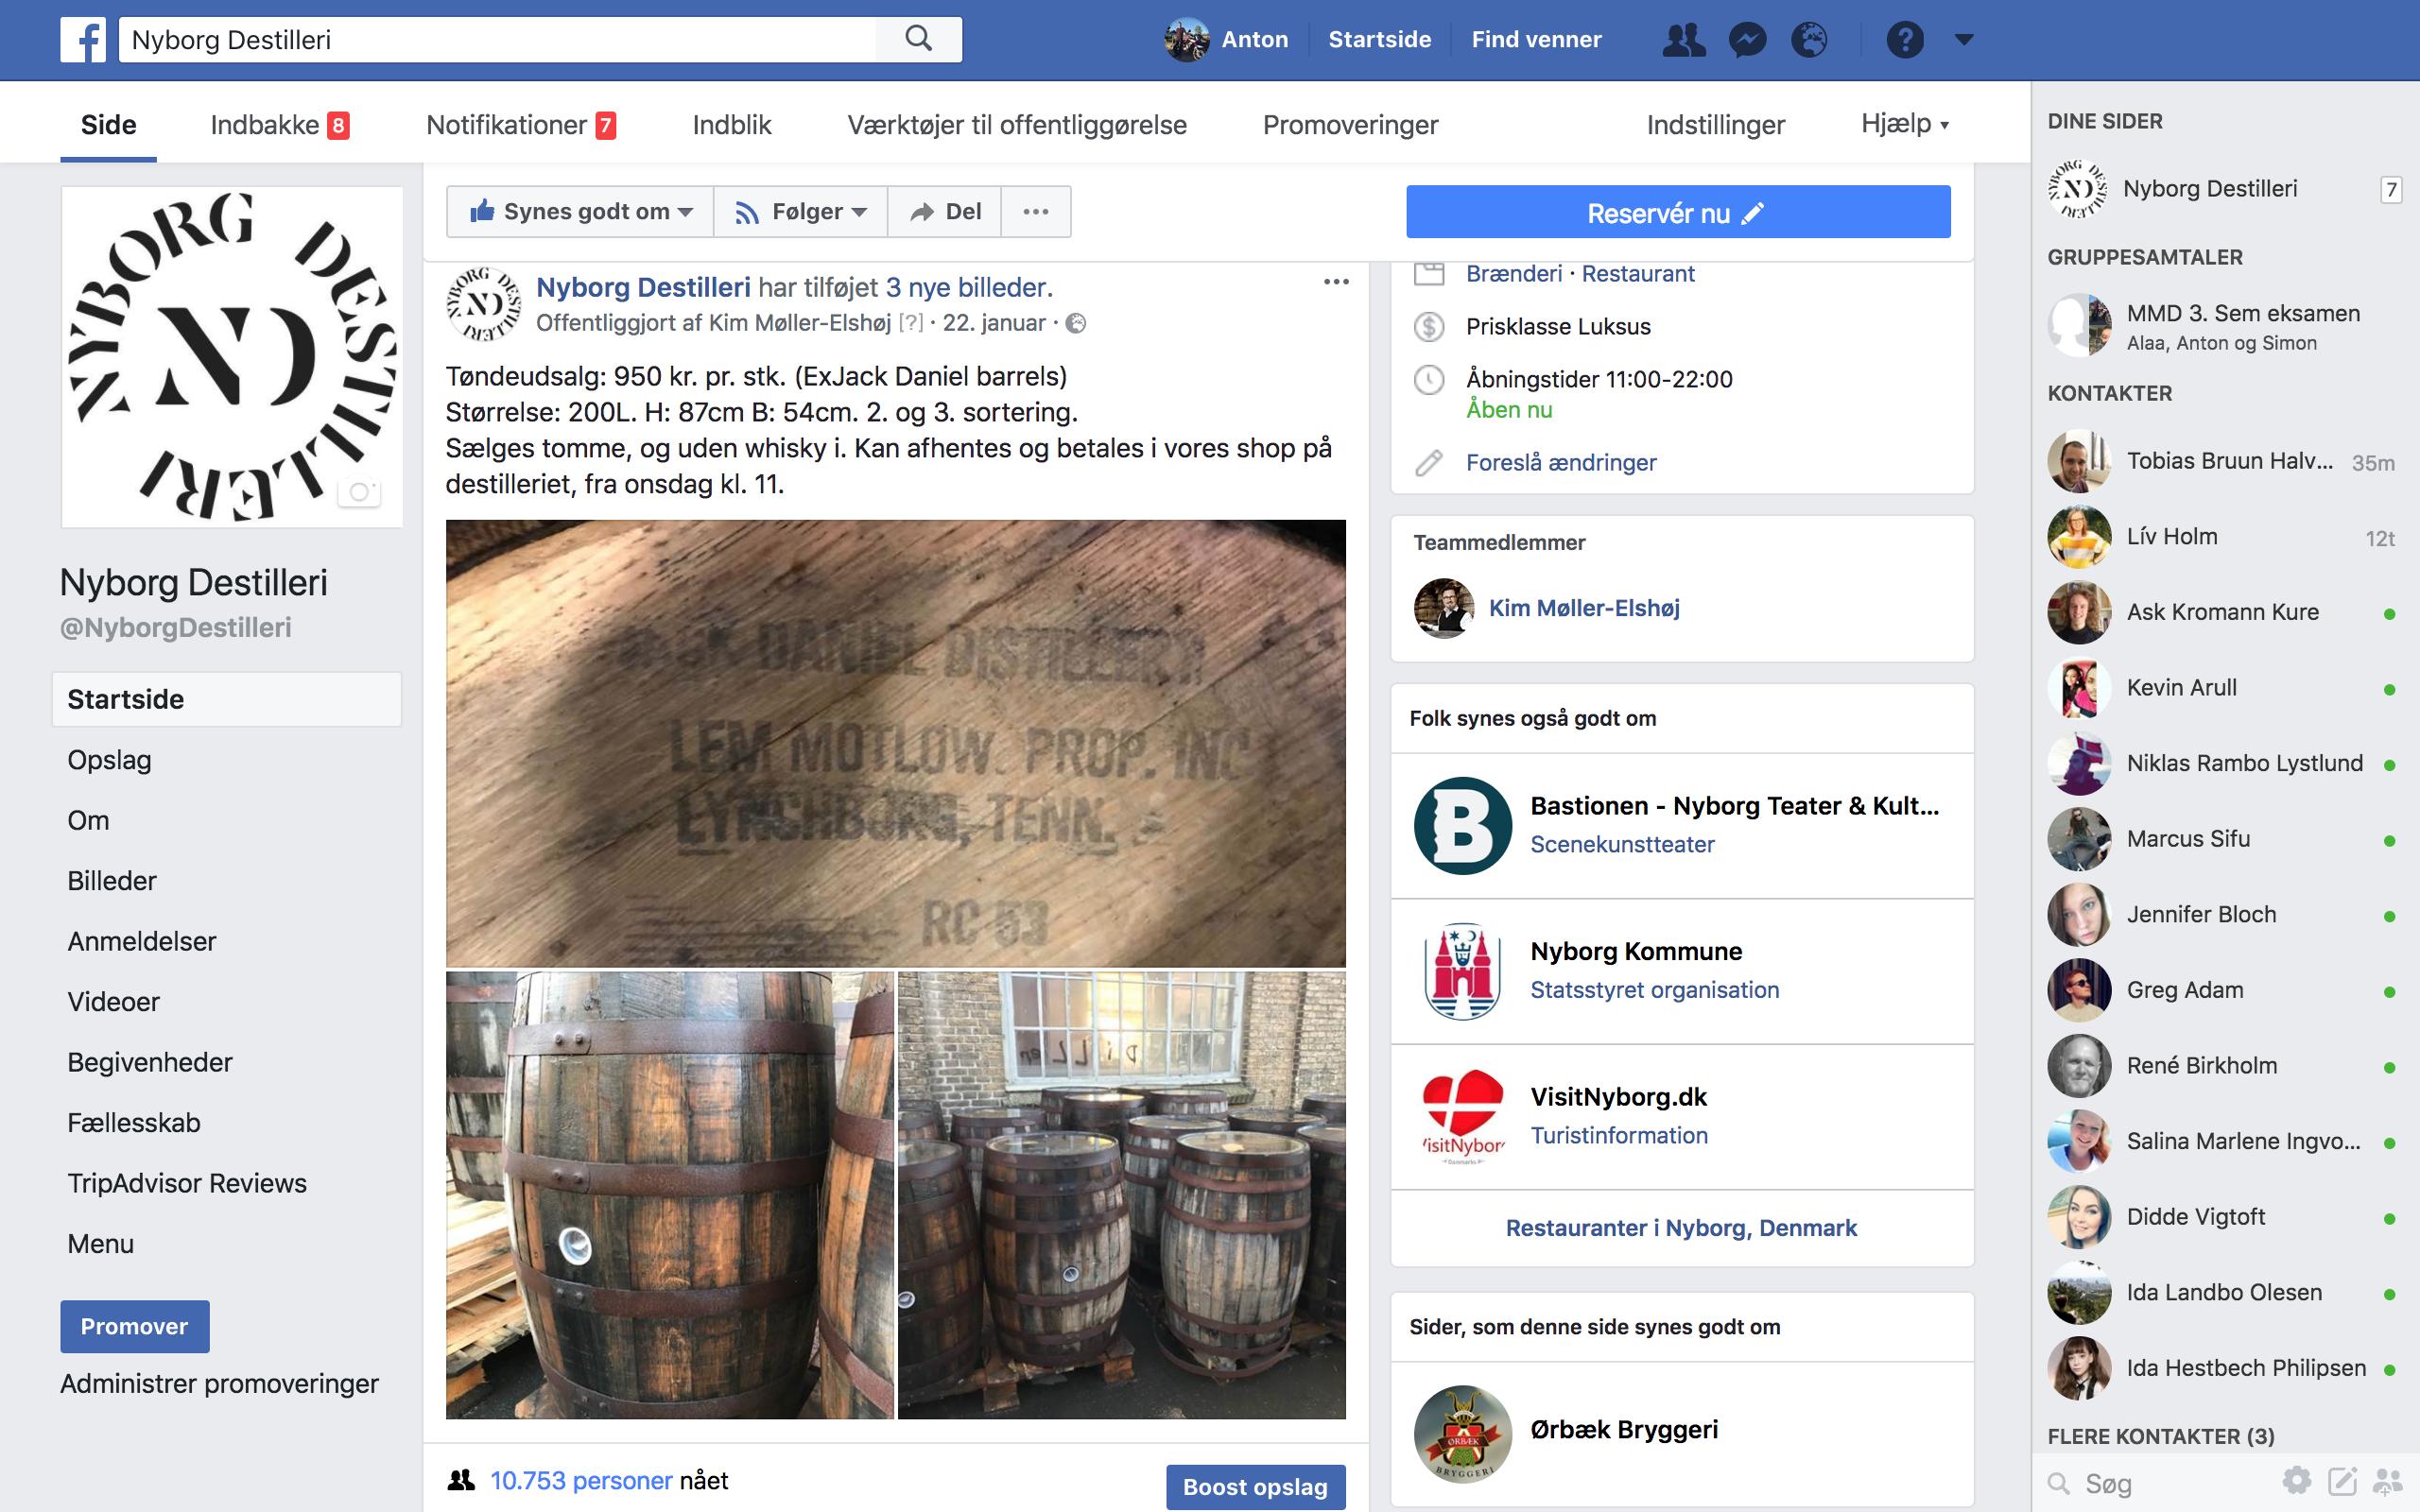 2 Salgskampagne for Nyborg Destilleri på guloggratis, dba og facebook